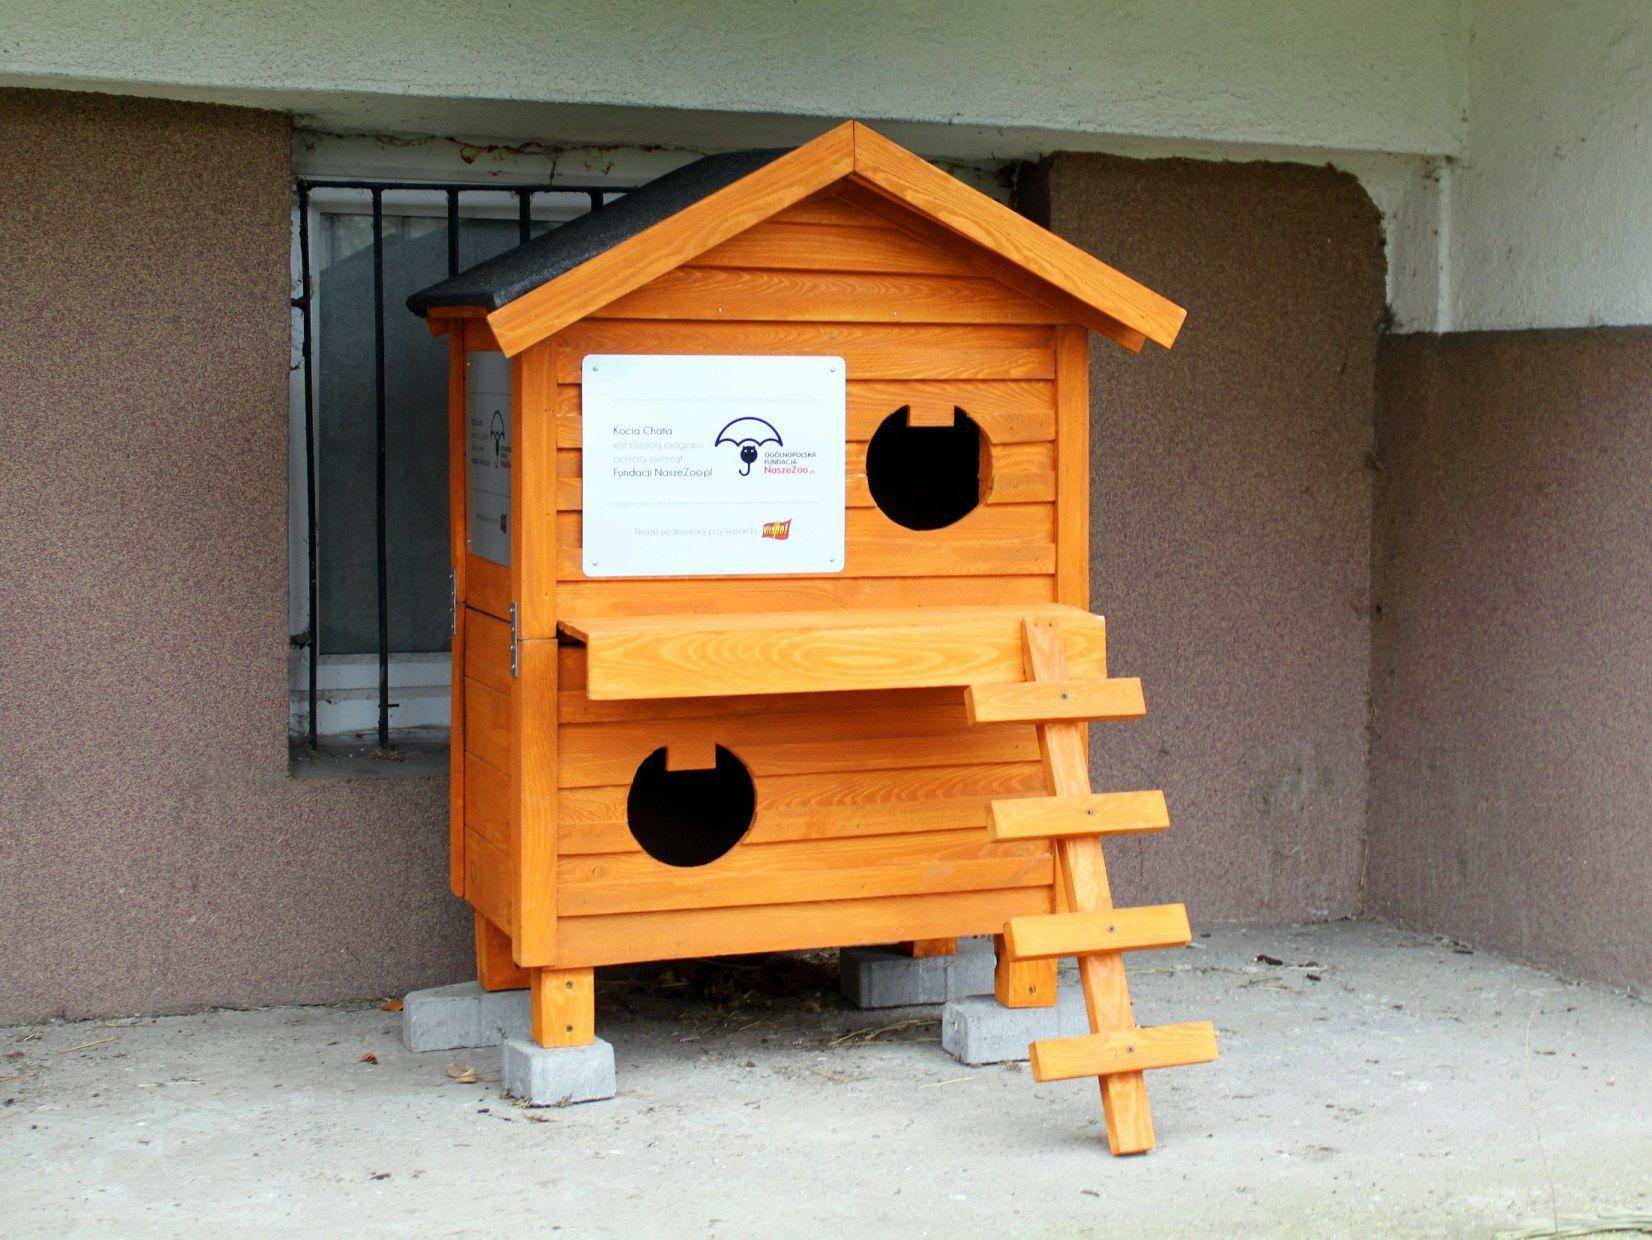 1ead8-domki-dla-bezdomnych-kotow